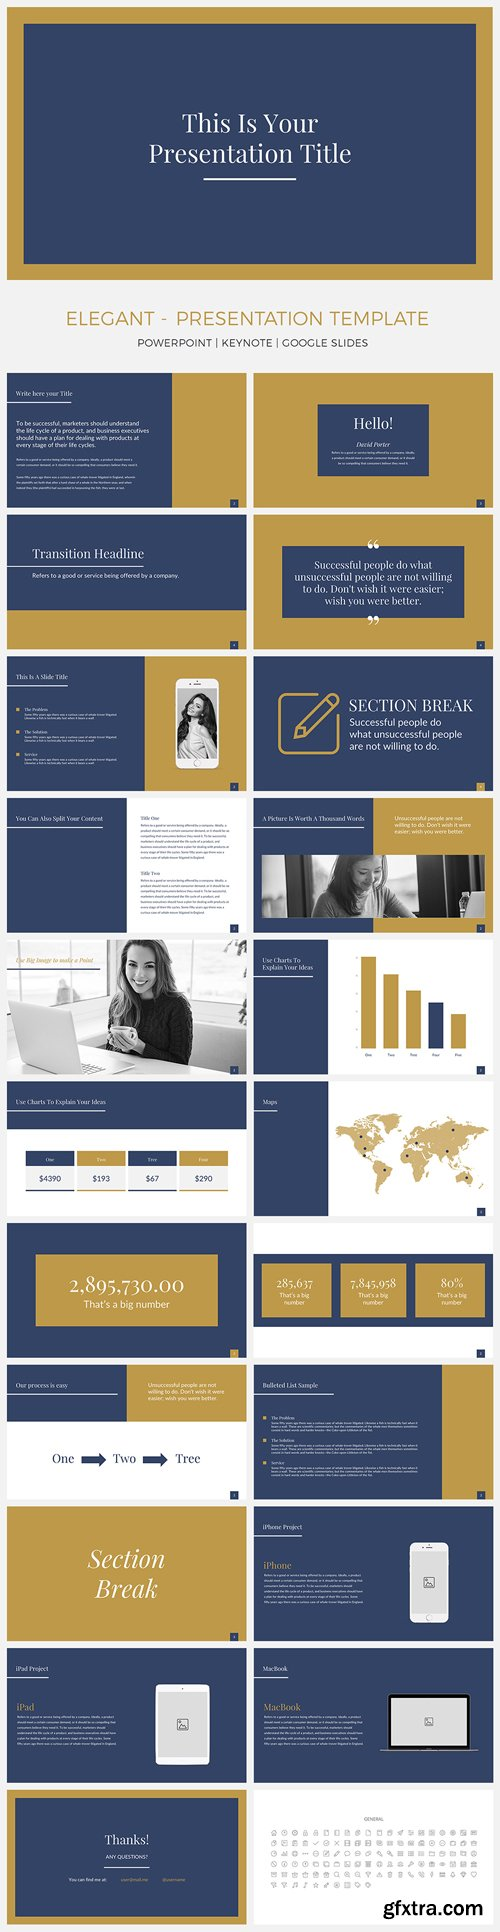 Elegant presentation template pack powerpointkeynotegoogle slides elegant presentation template pack powerpointkeynotegoogle slides toneelgroepblik Images